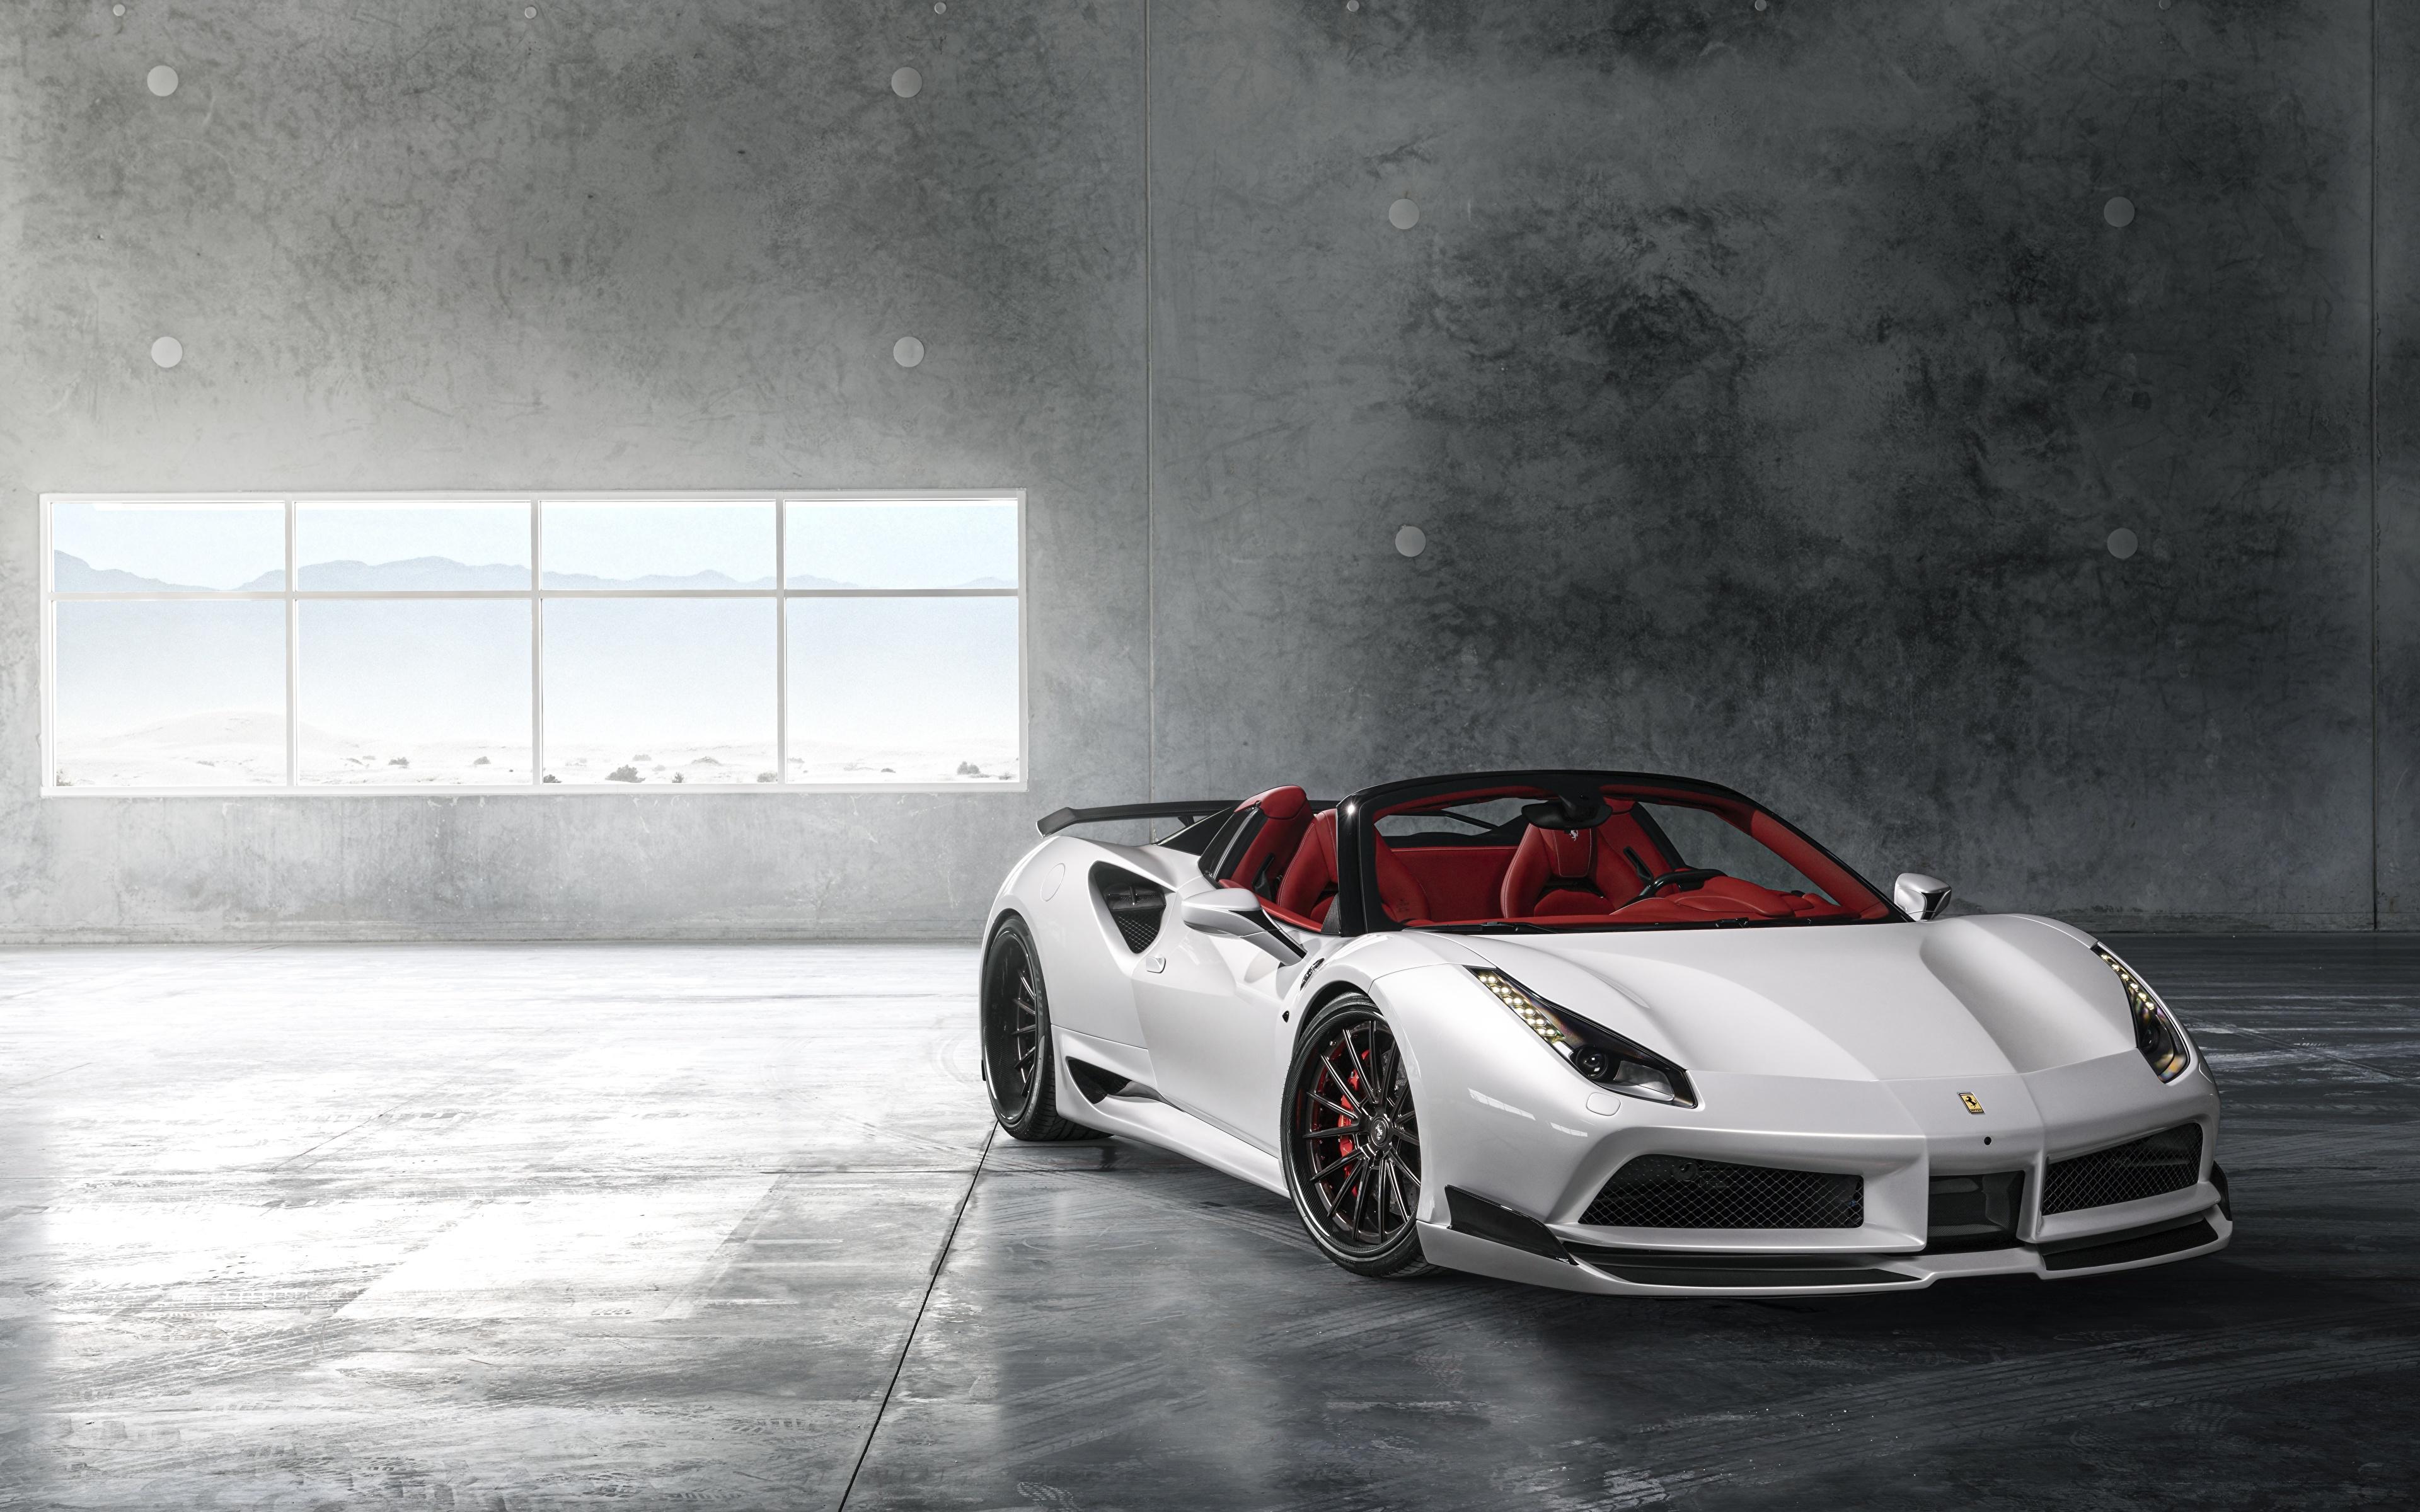 Картинка Ferrari Wide 488 Rearl Родстер белая Автомобили 3840x2400 Феррари белых белые Белый авто машина машины автомобиль